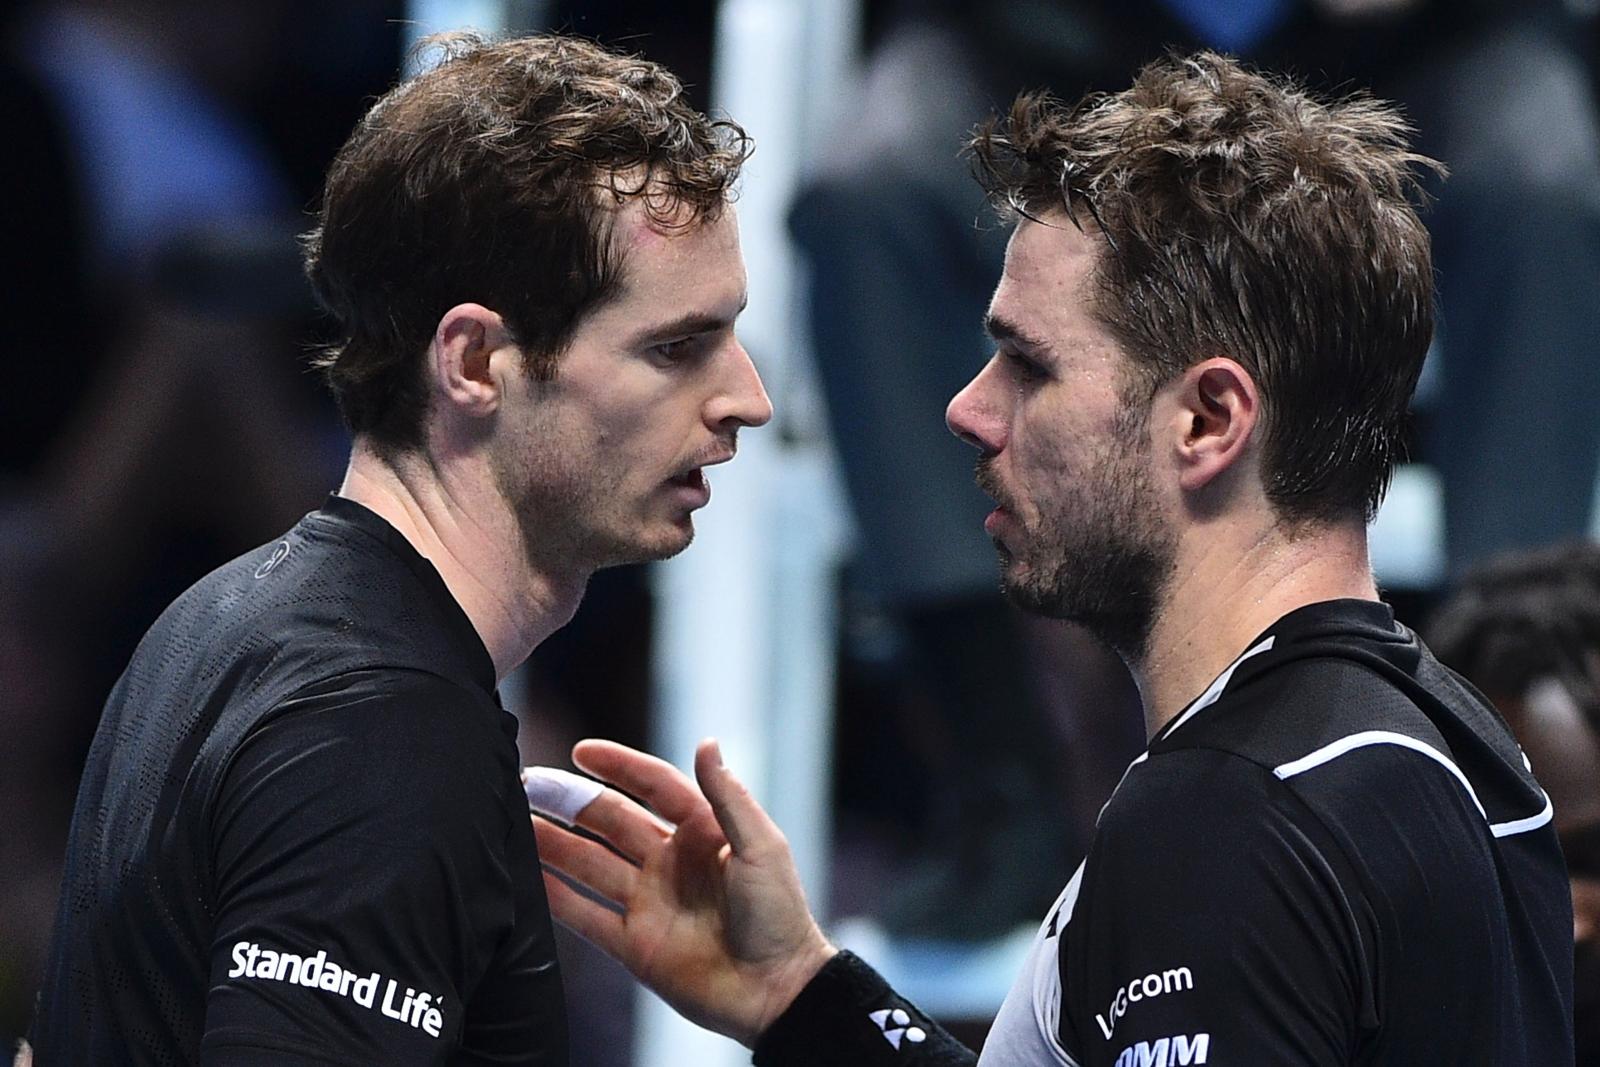 Andy Murray and Stan Wawrinka